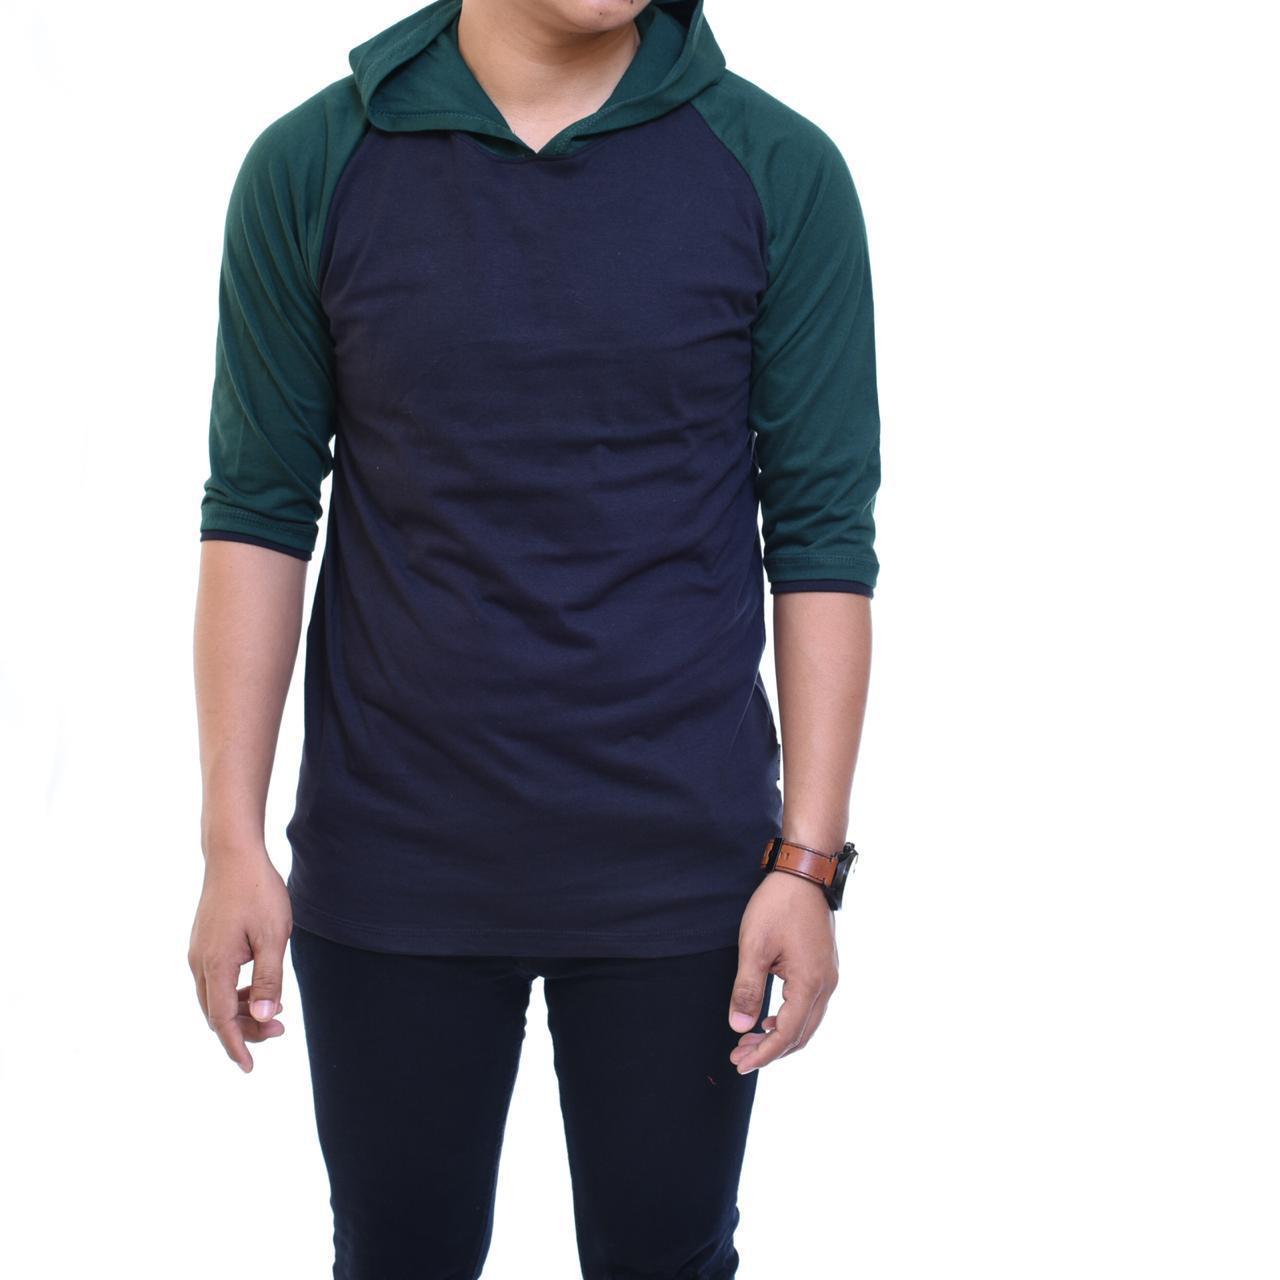 ... Panjang Biru Dongker. Source · Zos T-Shirt Sweater Hoodie Atasan Pria Jumper Polos Lengan Raglan Pendek Fashion Kaos Distro